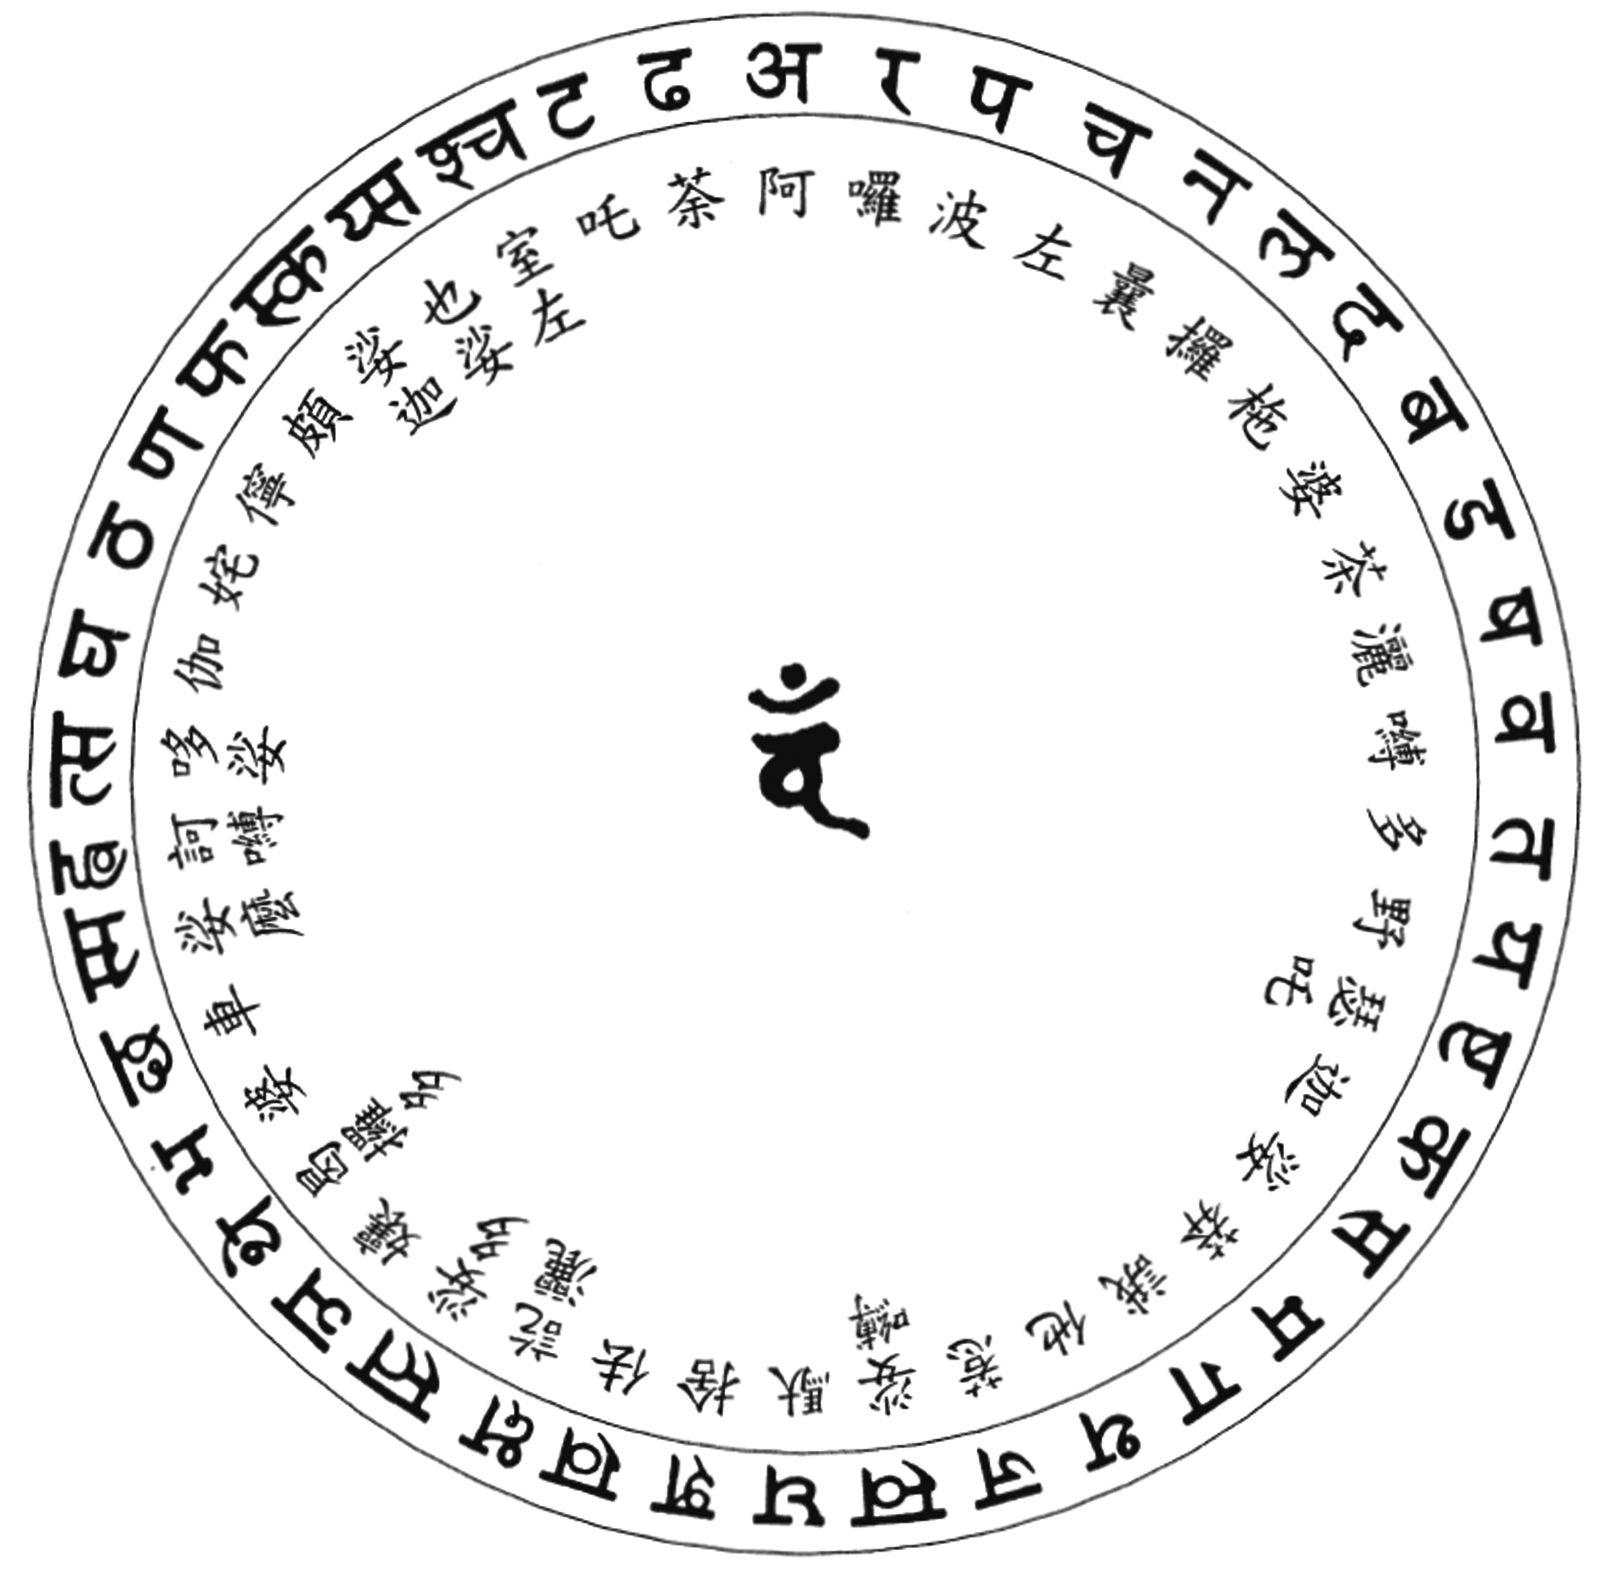 来听天籁梵呗(二):华严字母(第二合)